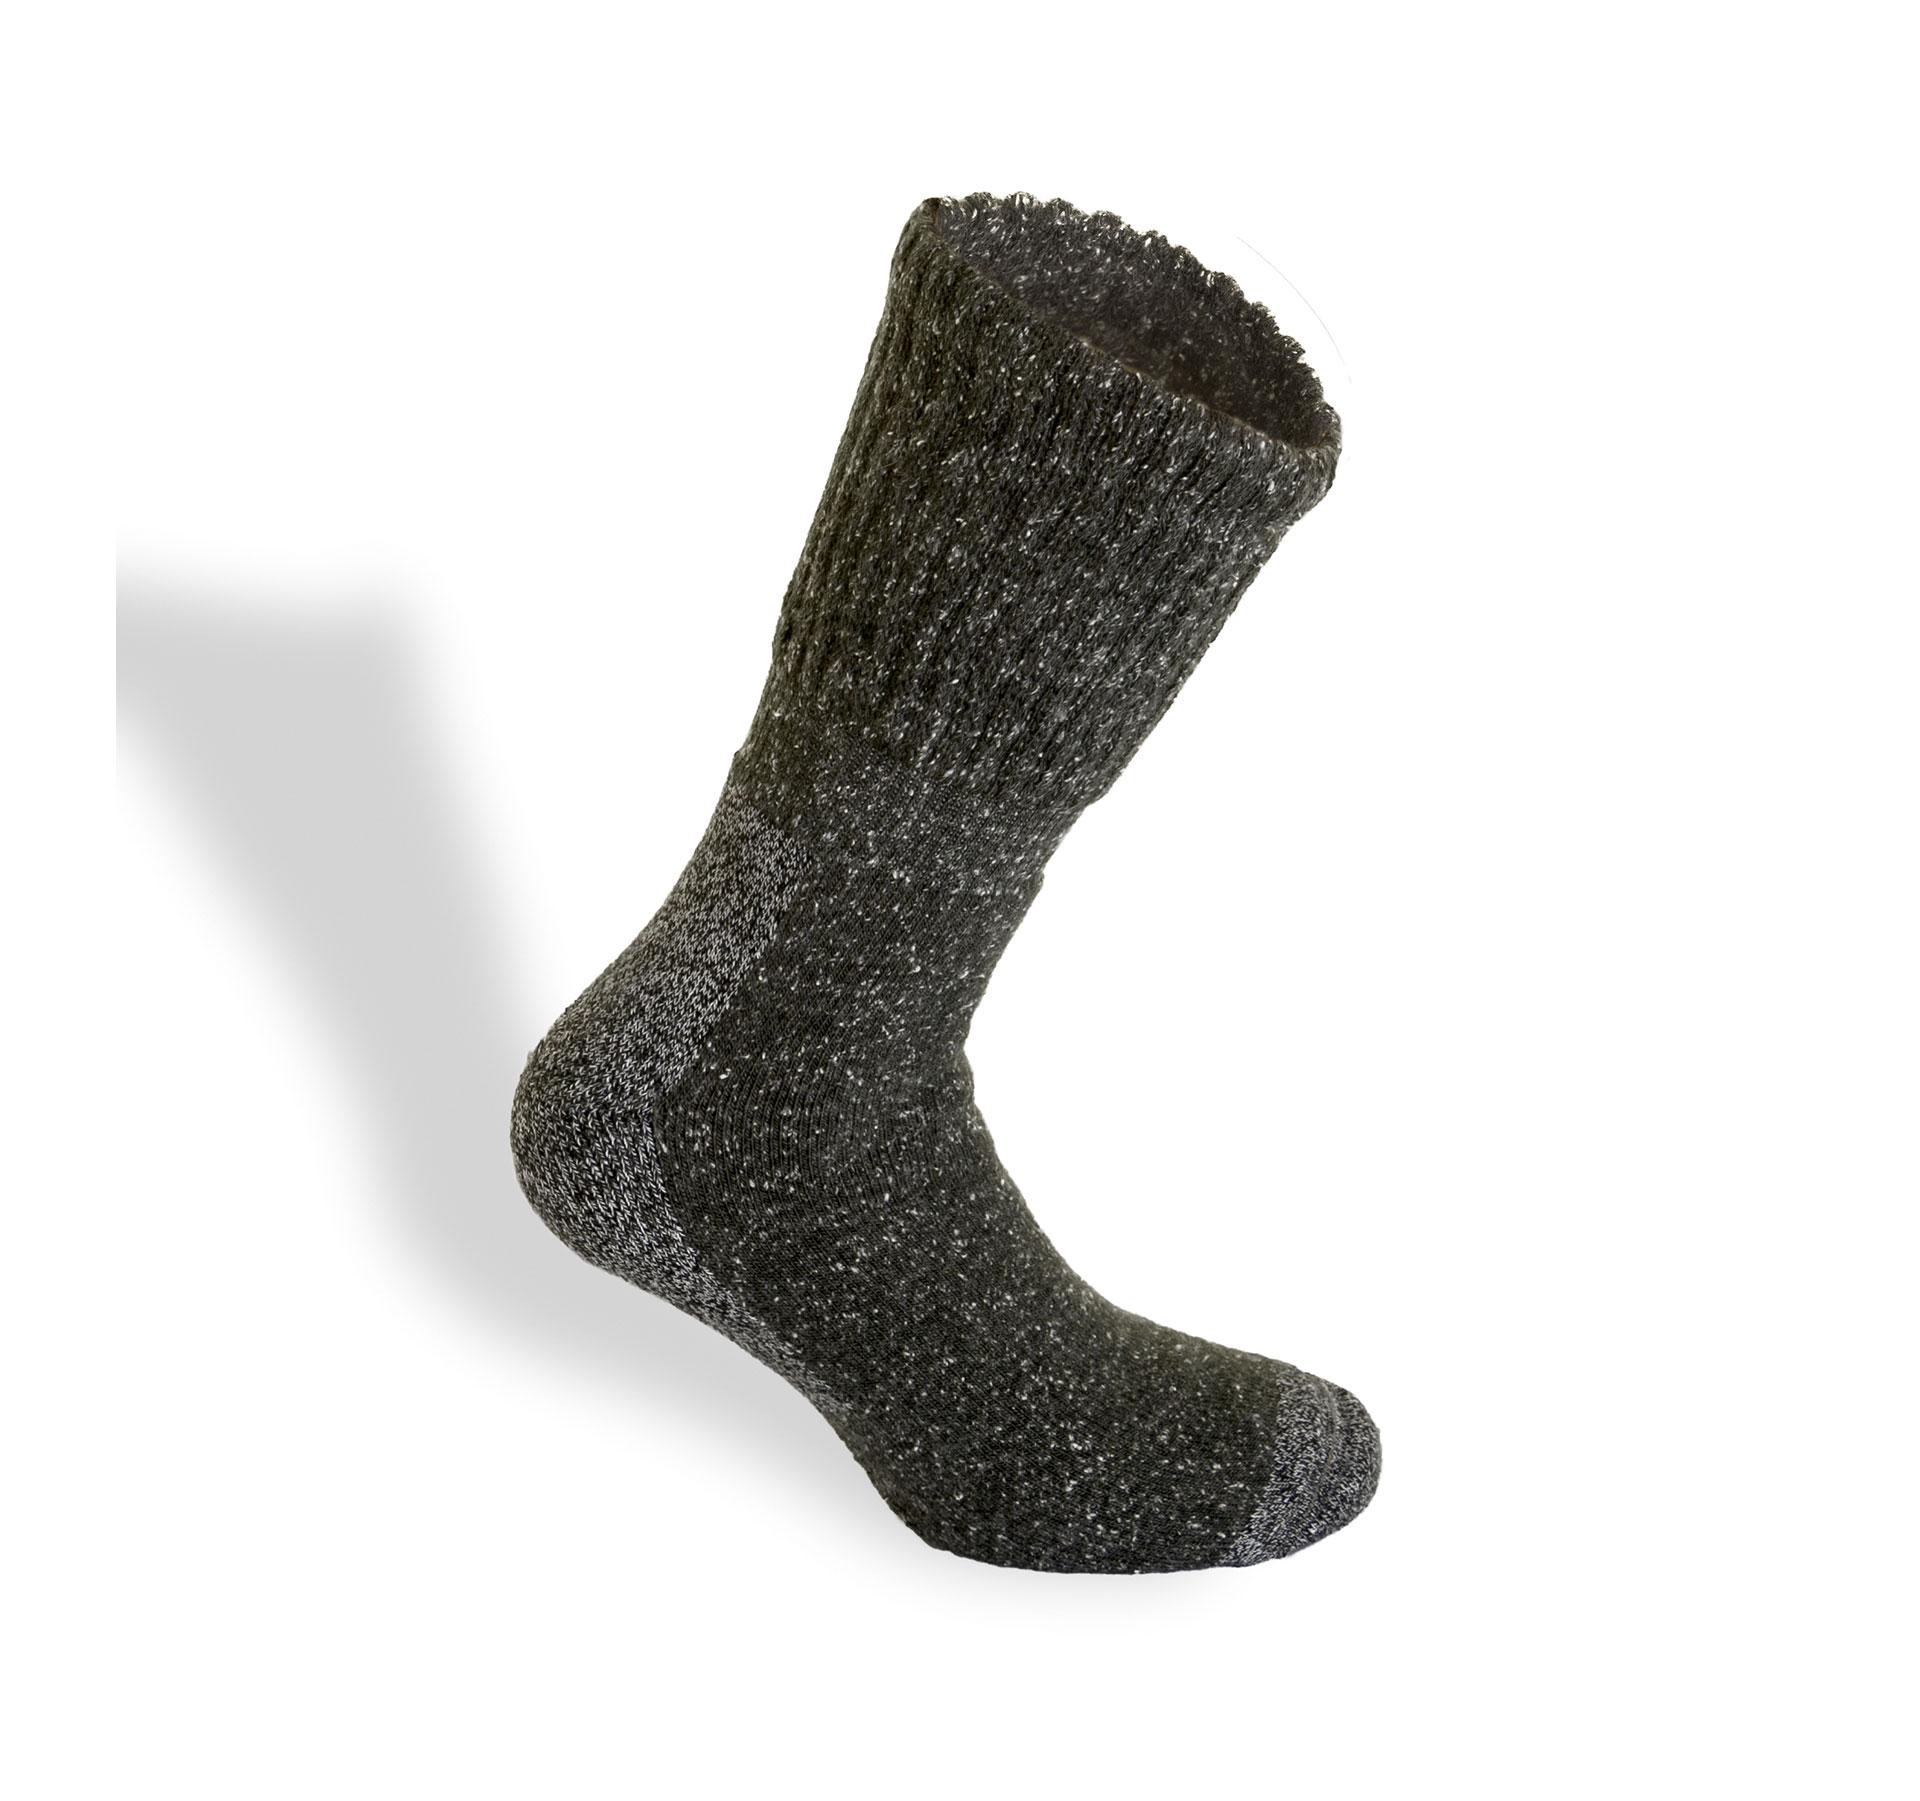 vendita calze termiche da lavoro